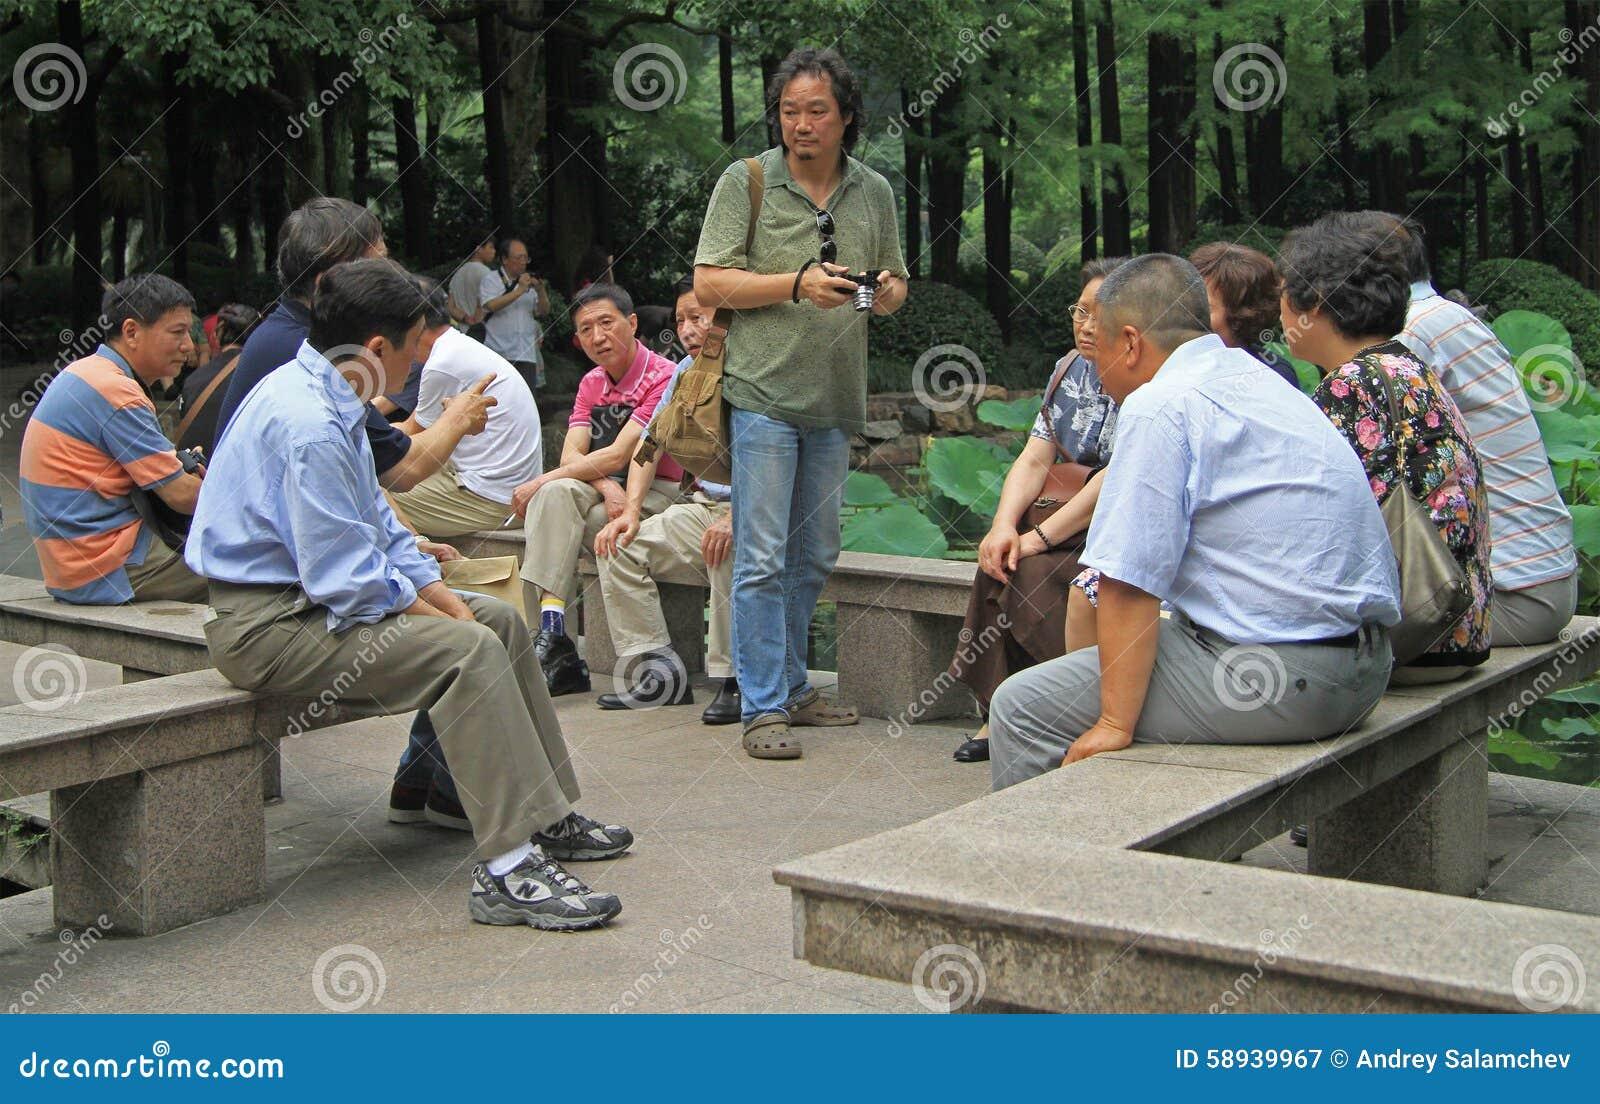 O povo chinês está comunicando-se no parque de